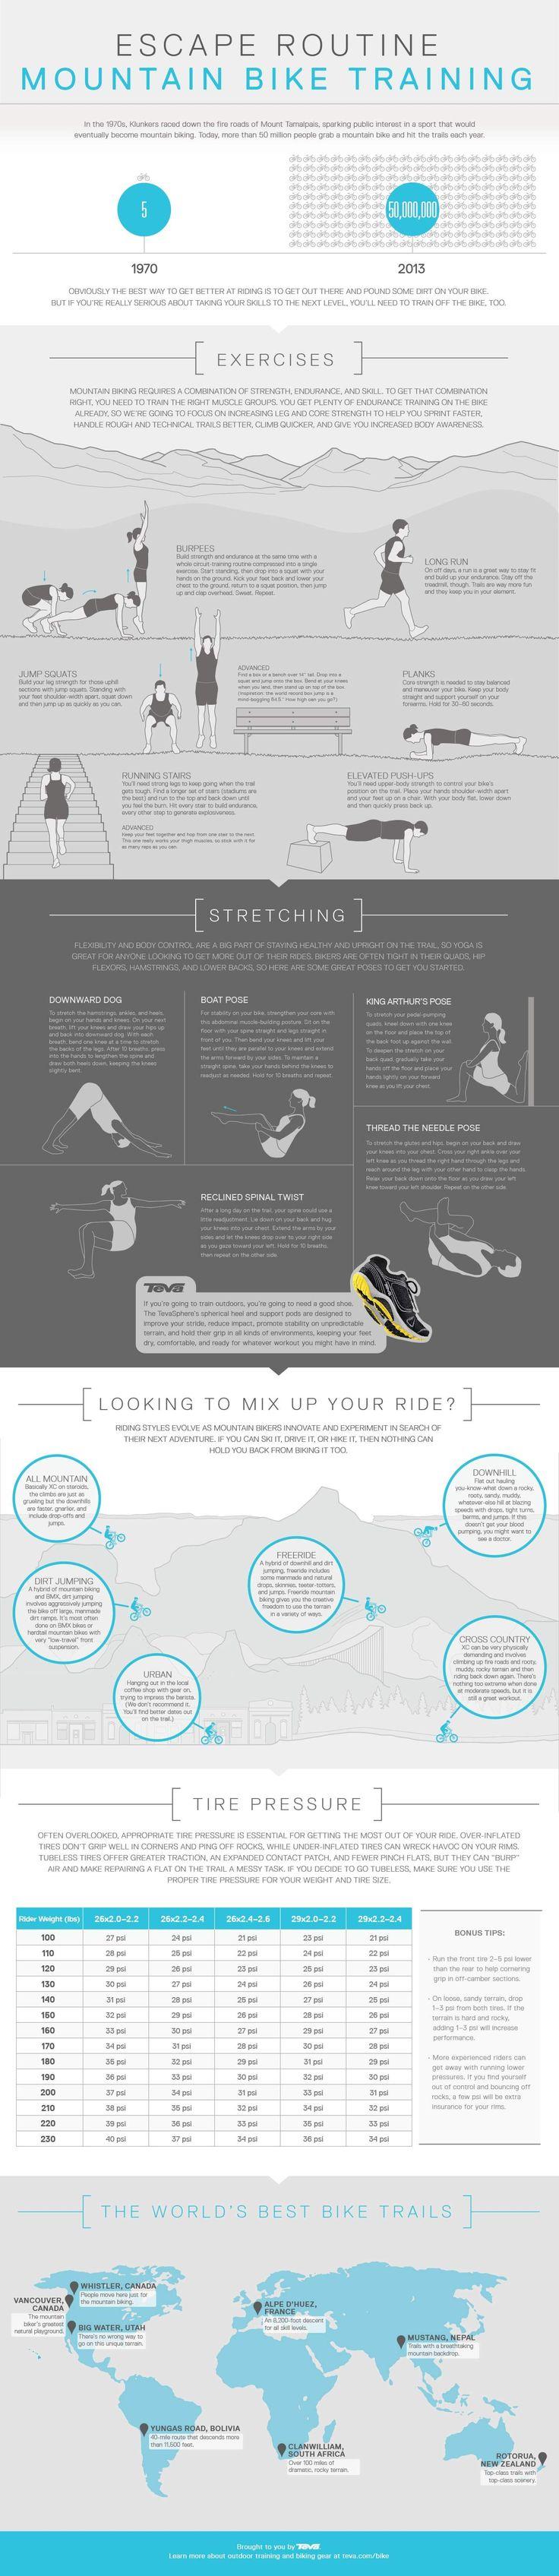 Mountain biking reminder tips for training